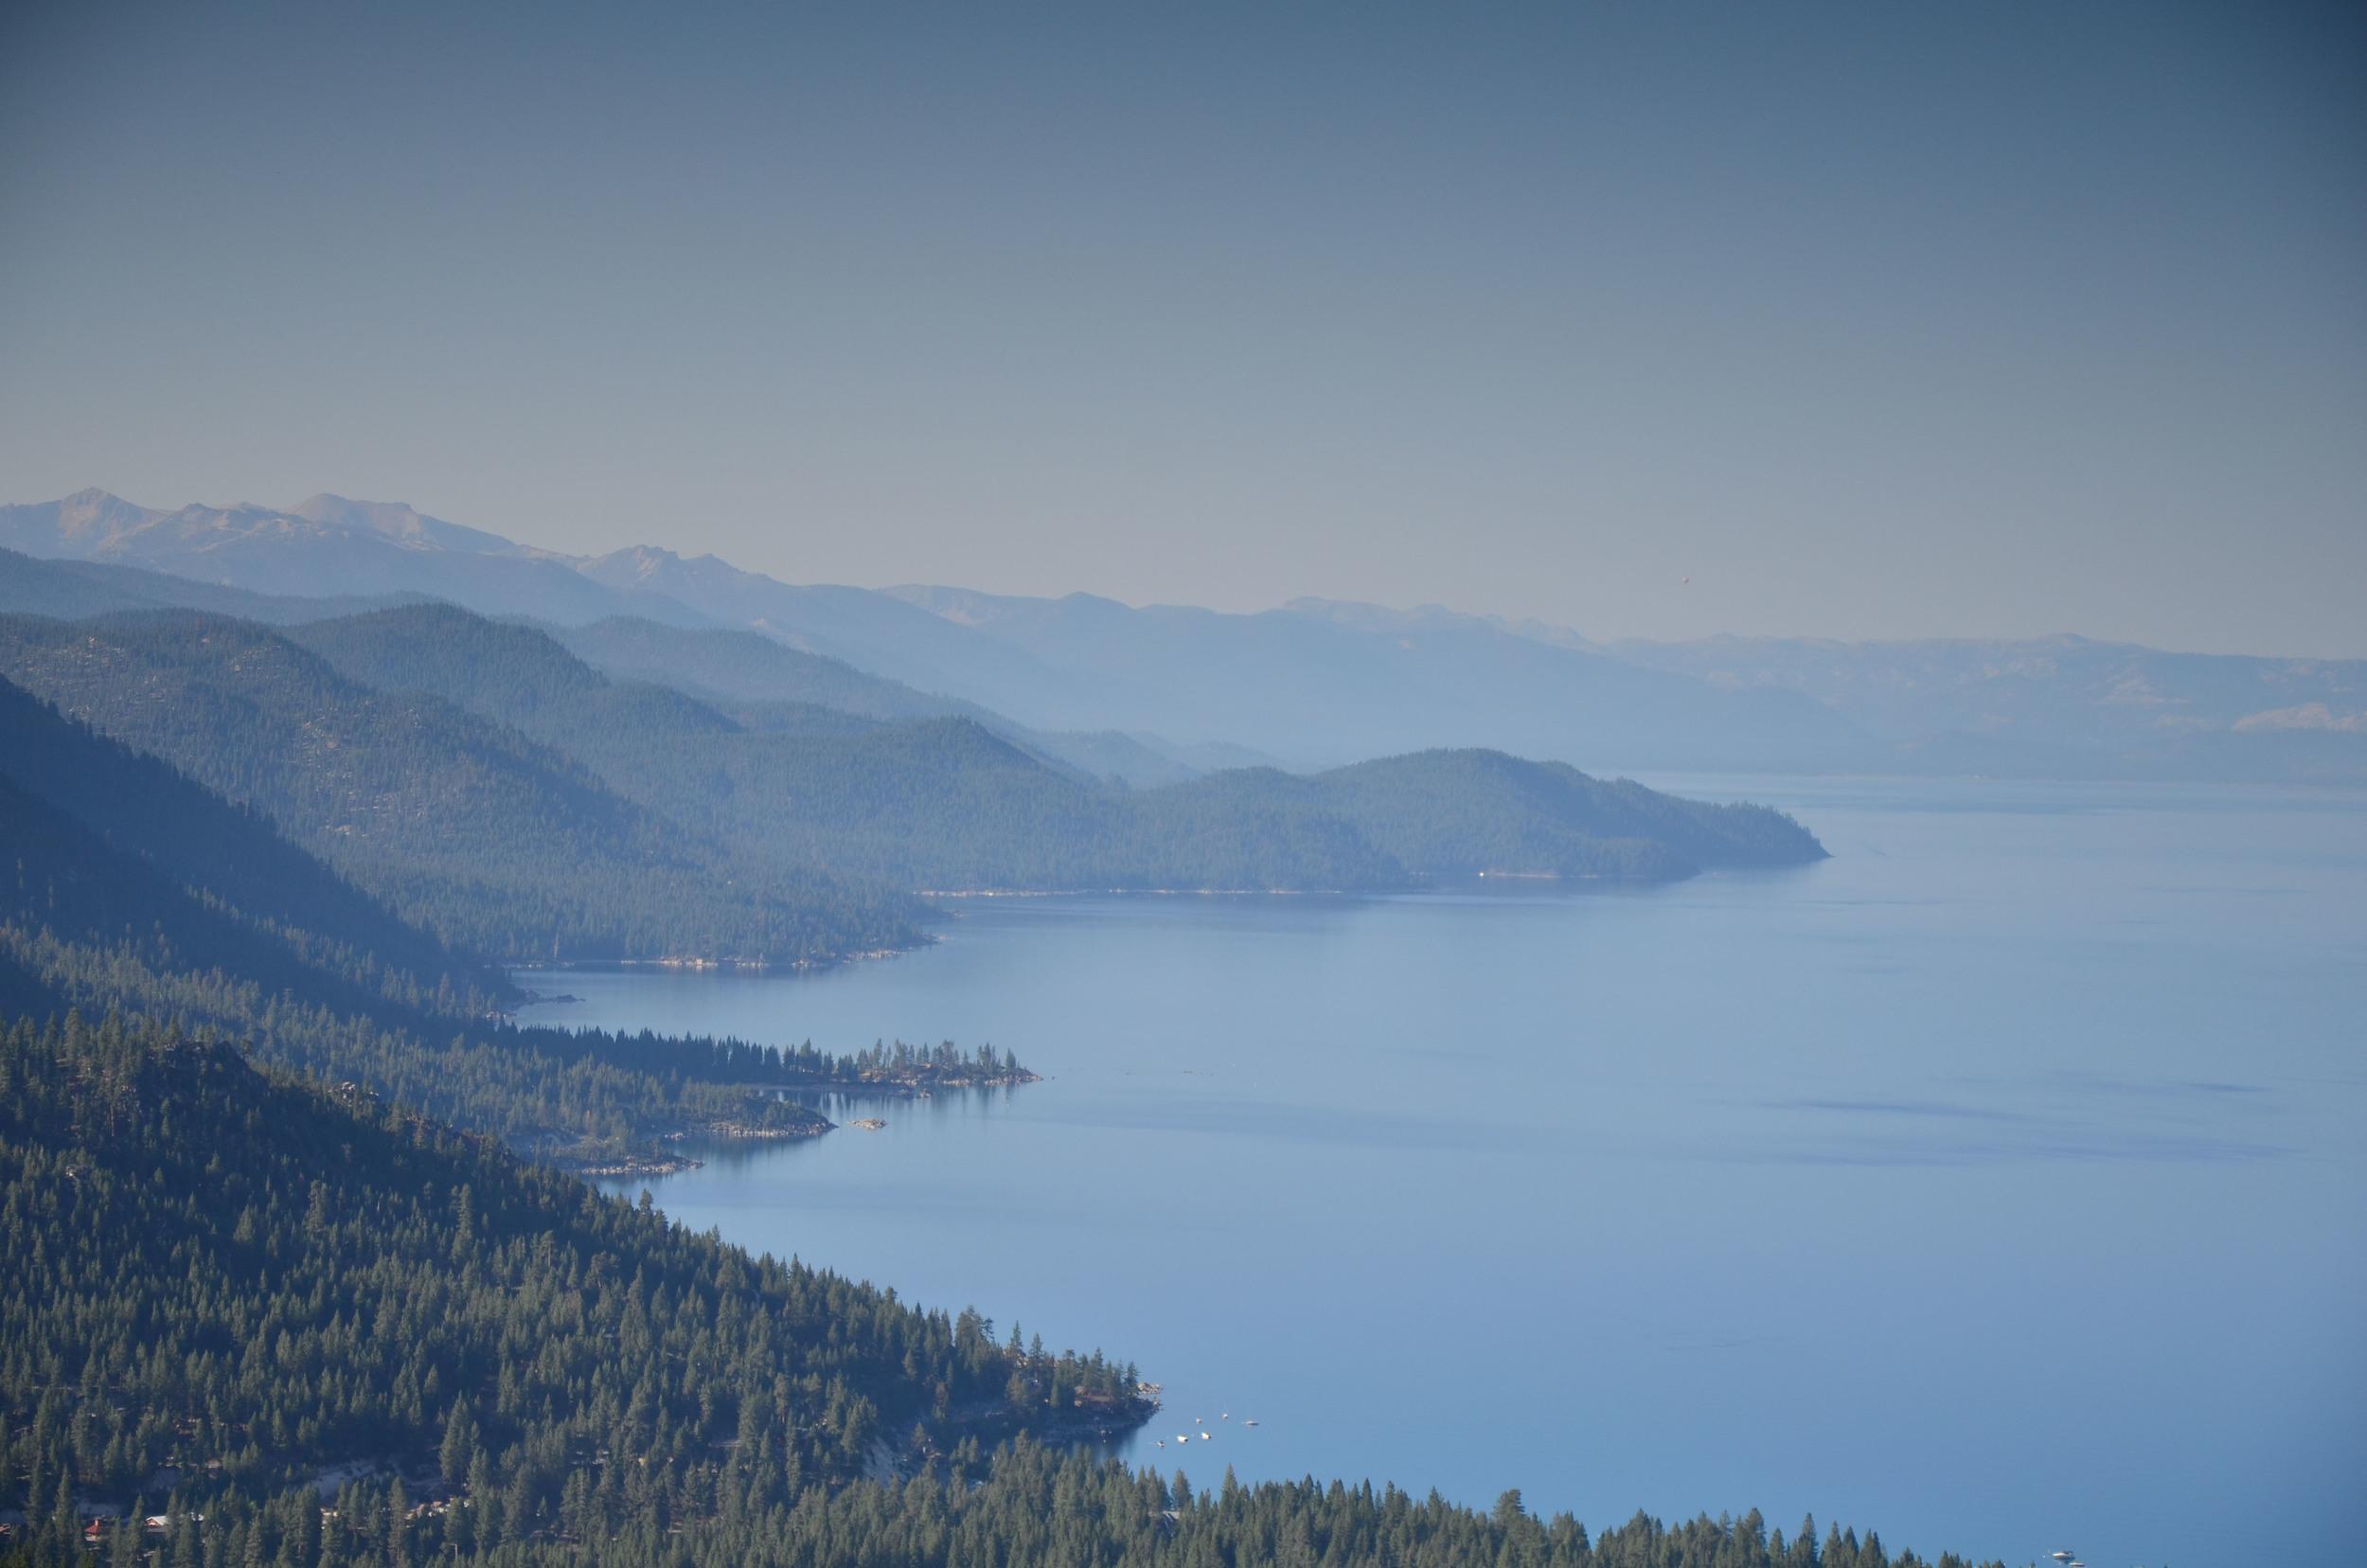 Lake_Tahoe_02.jpg